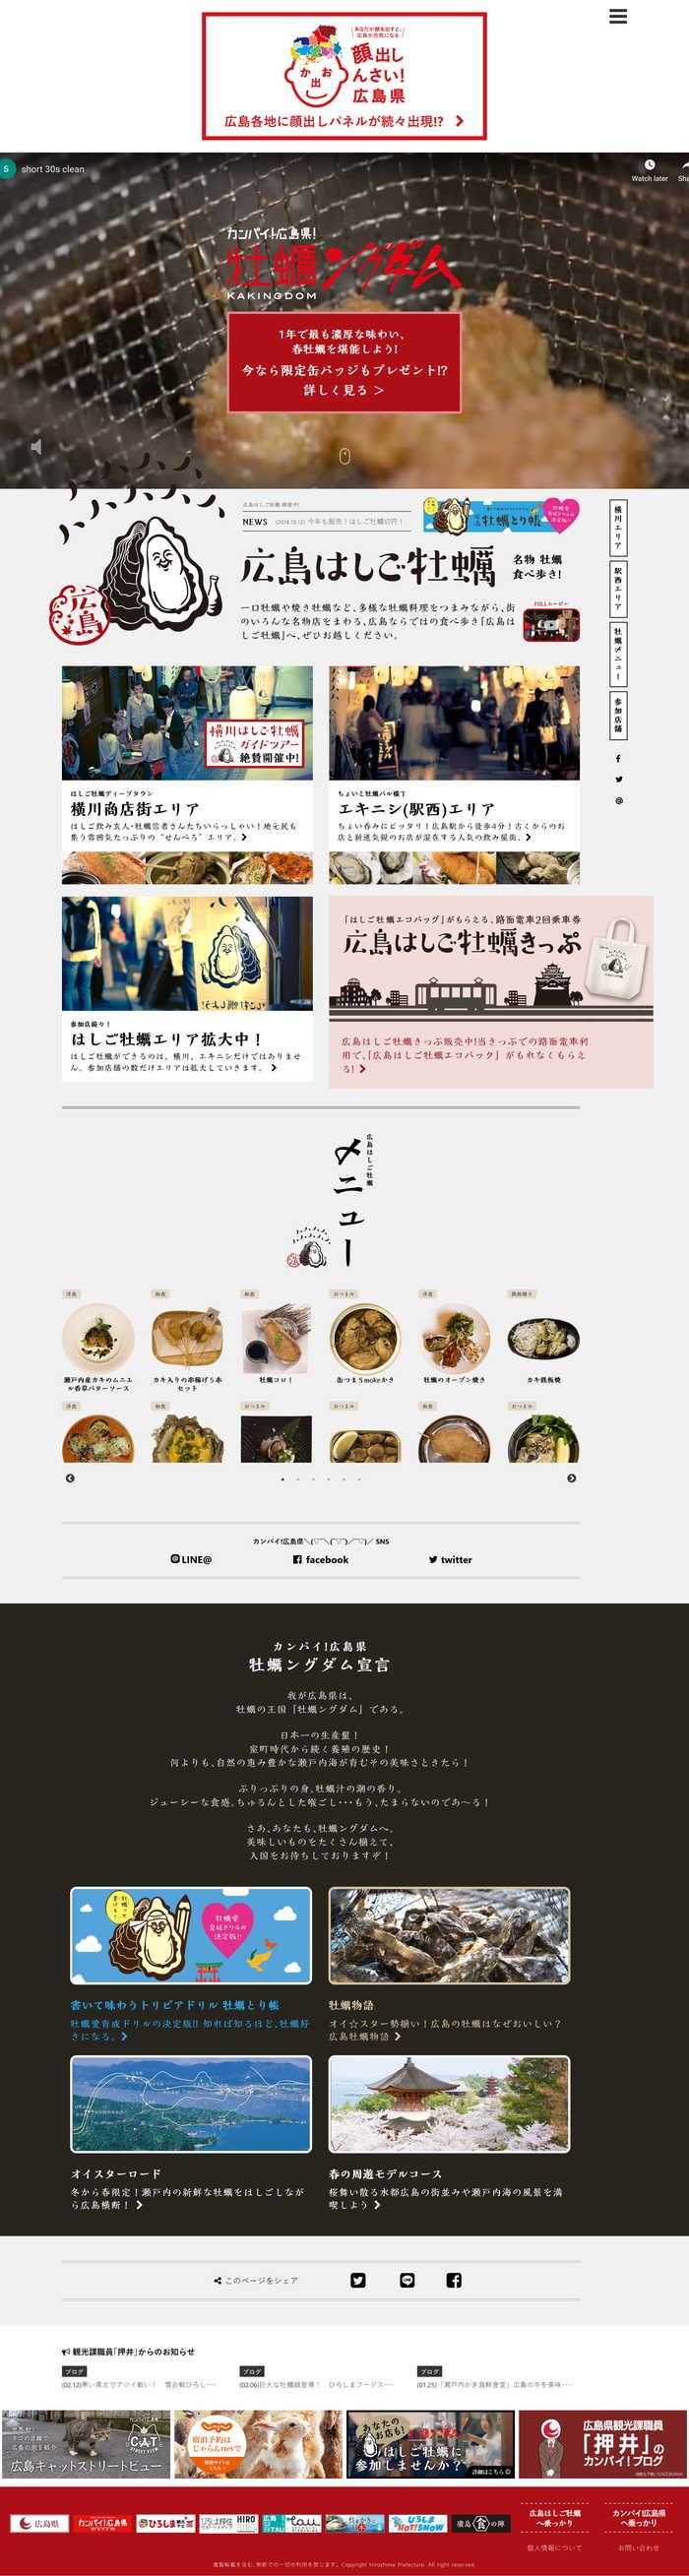 牡蠣ングダム 広島はしご牡蠣 開催中 | カンパイ!広島県